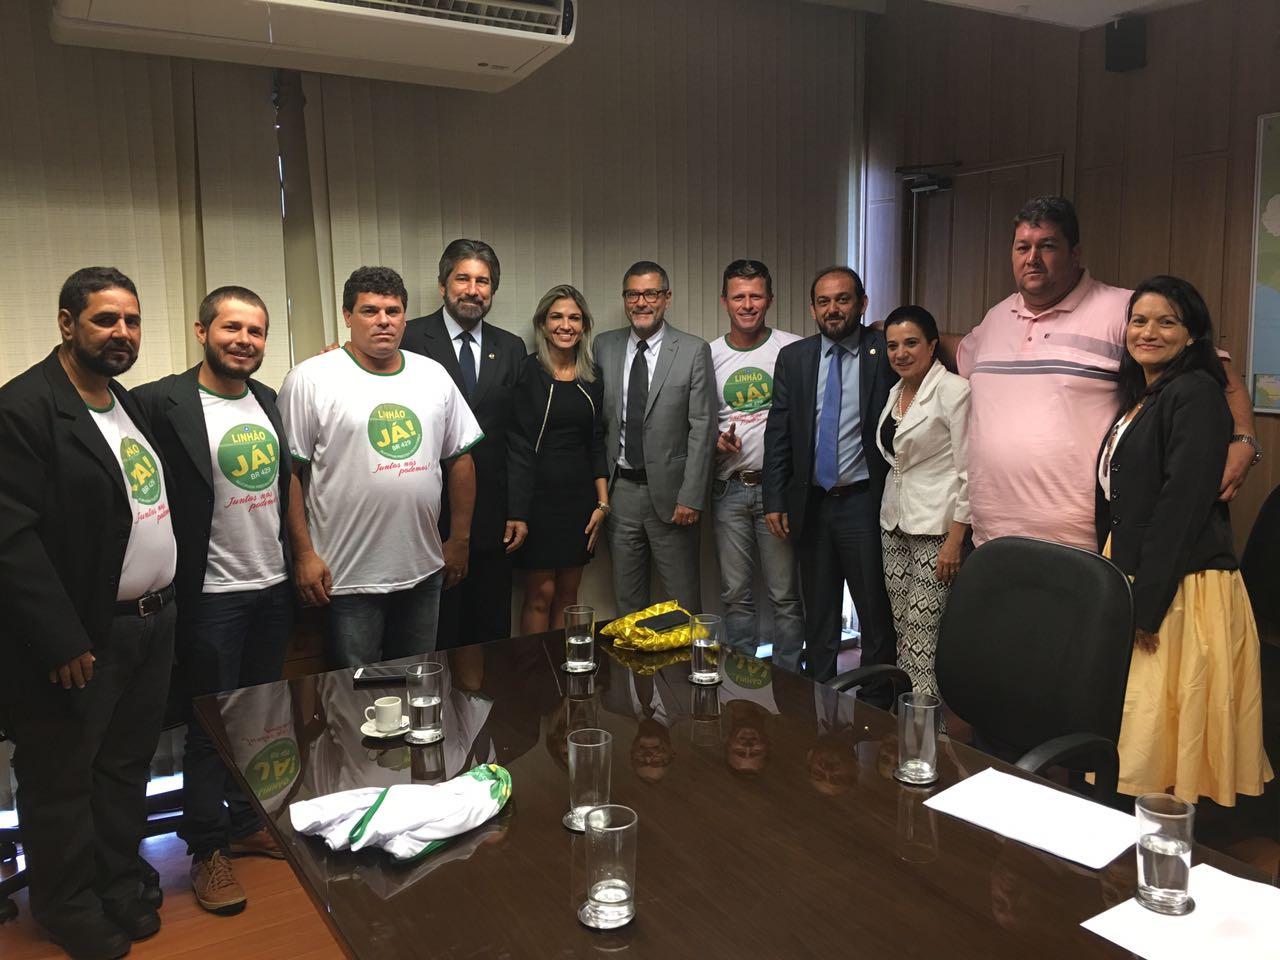 """Alvorada do Oeste - Movimento """"LINHÃO JÁ"""" se reúne com ministro em Brasília"""